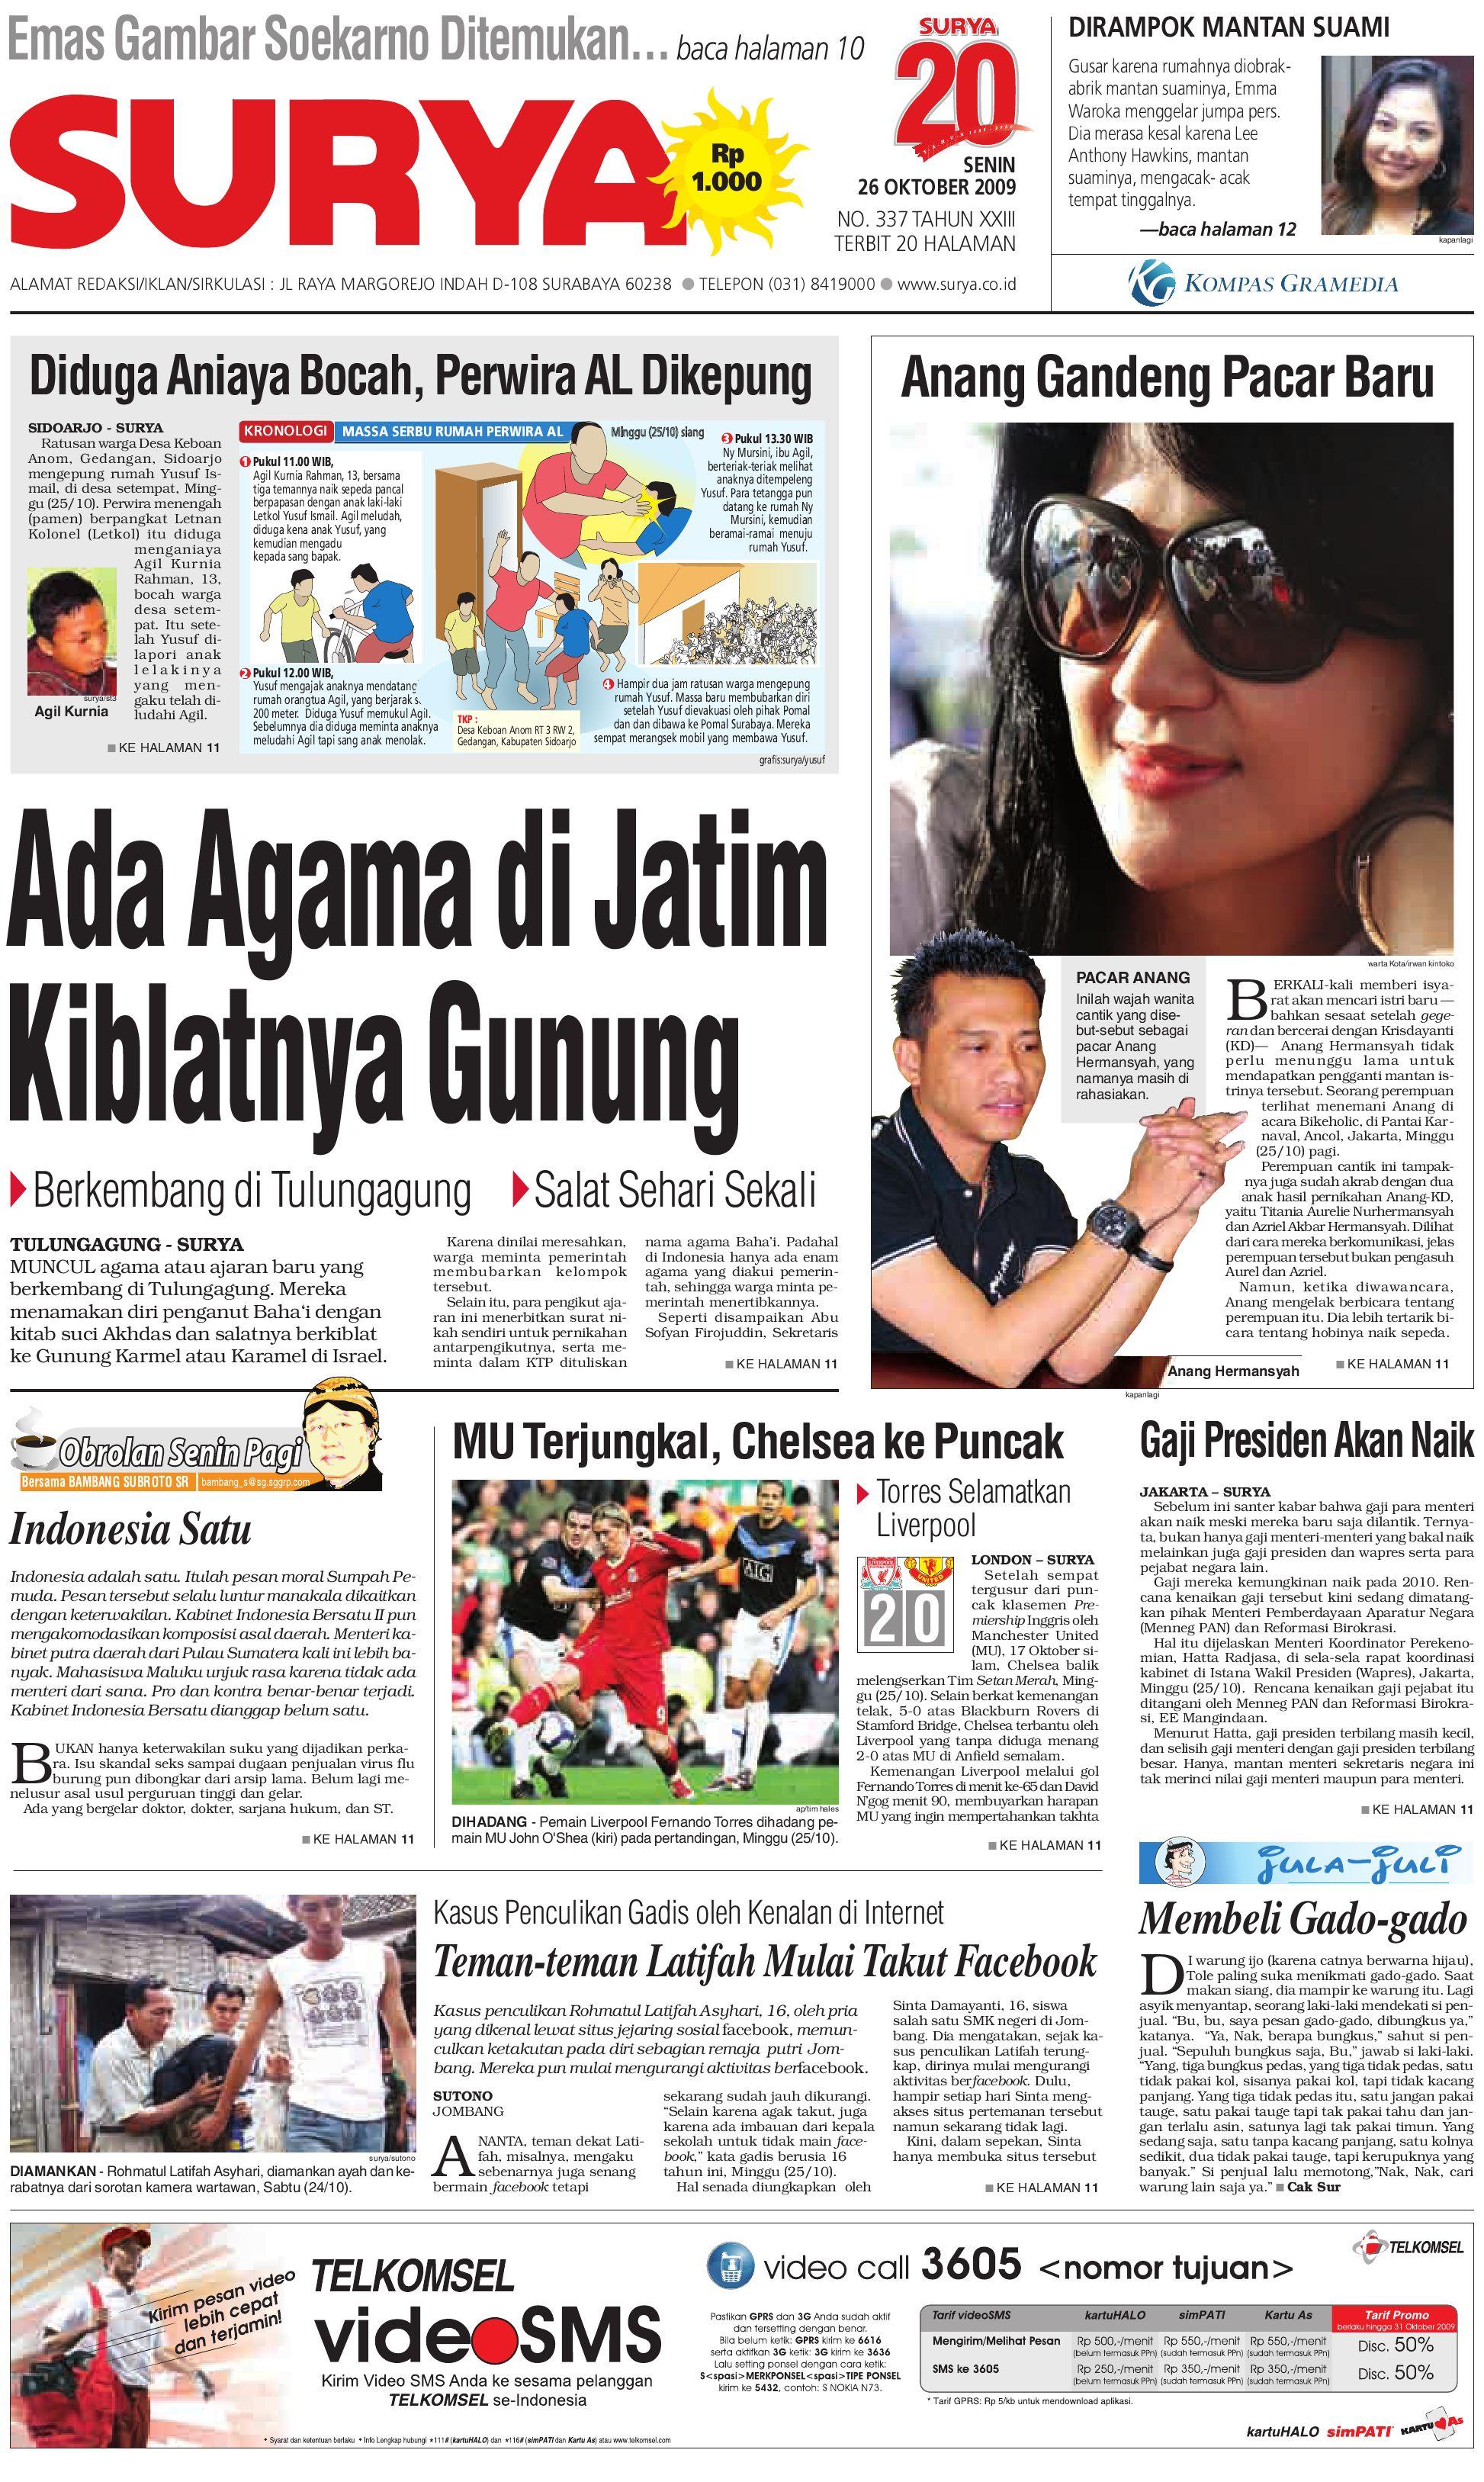 Surya Edisi Cetak 26 Okt 2009 by Harian SURYA - issuu 95596efba7